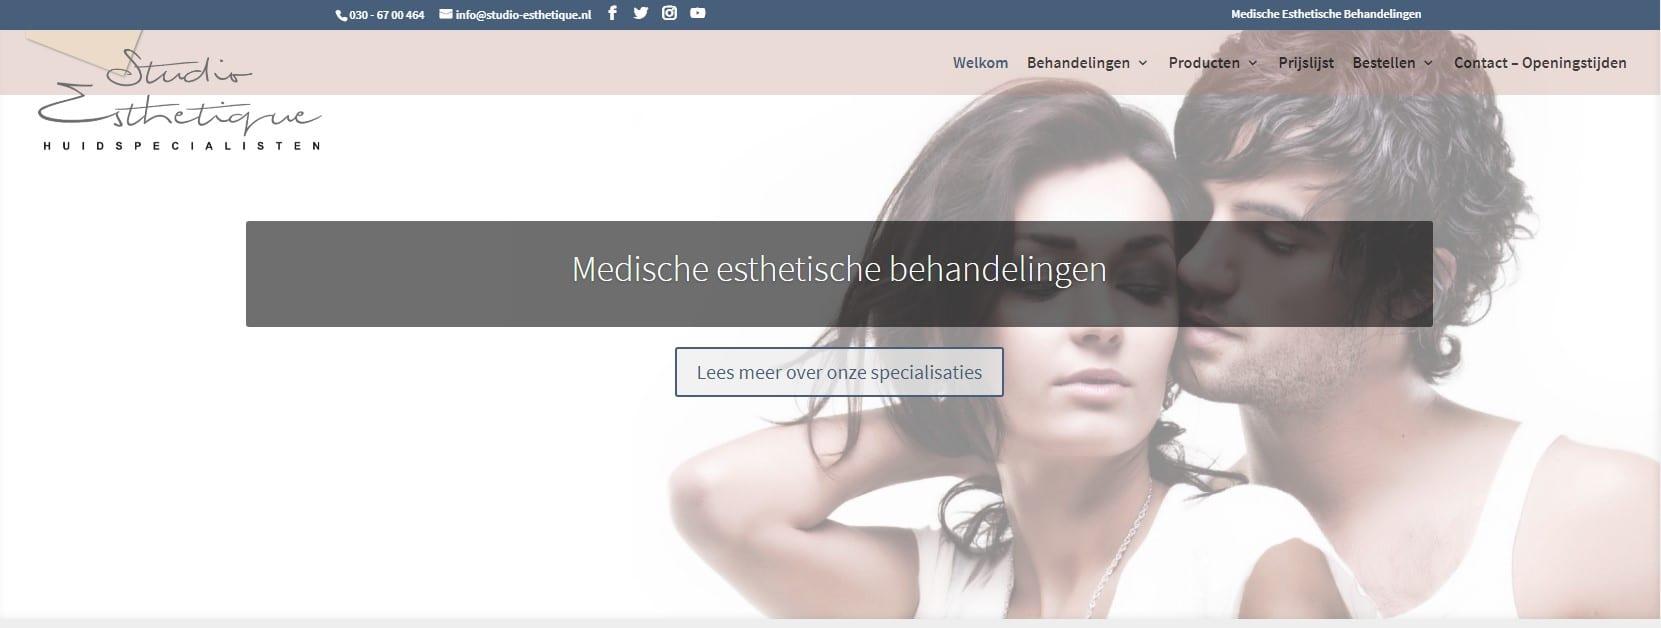 Website voor medisch esthetische behandelingen